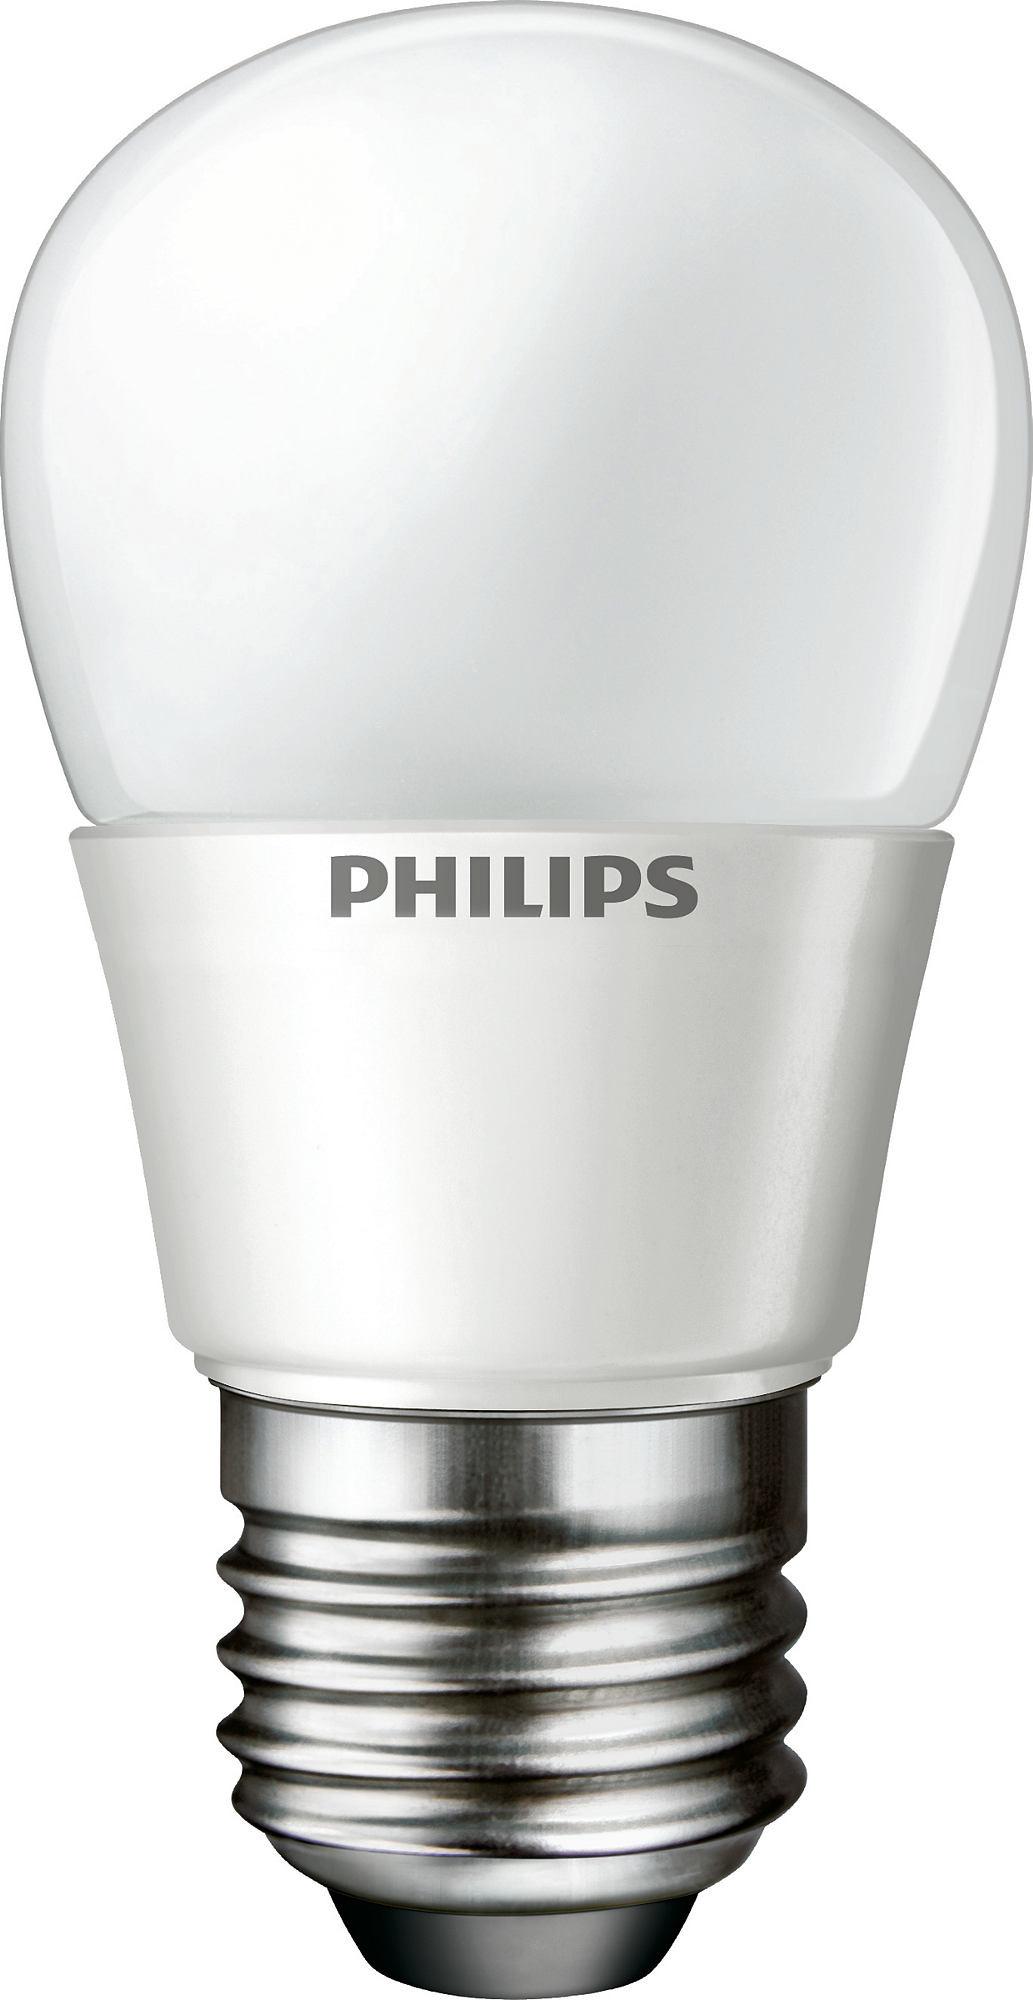 Philips MASTER LEDluster D 4-25W E27 WW P45 FR